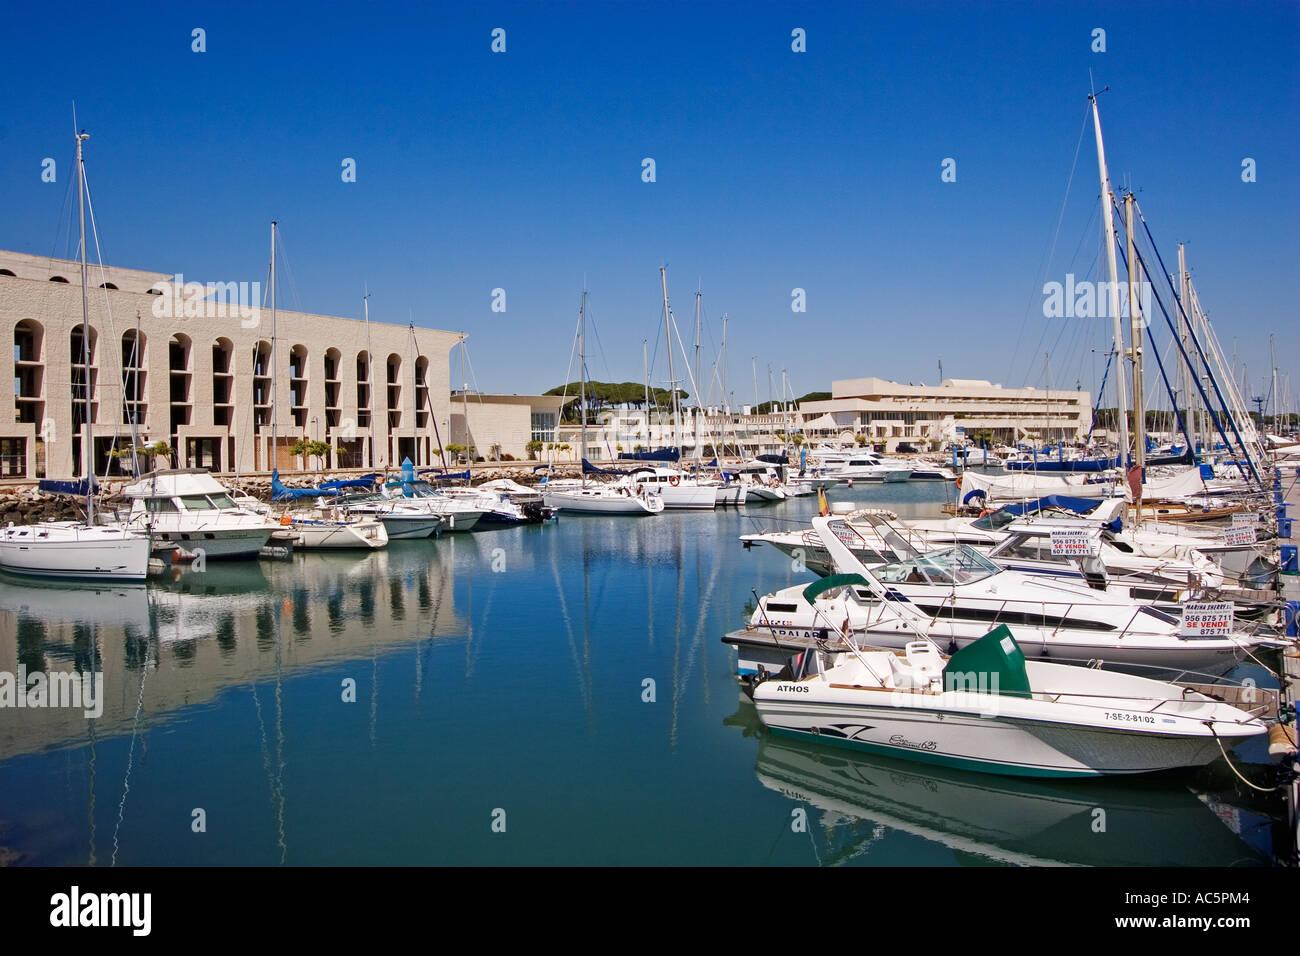 Puerto sherry puerto santa maria cadiz andalusia spain stock photo 7457219 alamy - Puerto santa maria cadiz ...